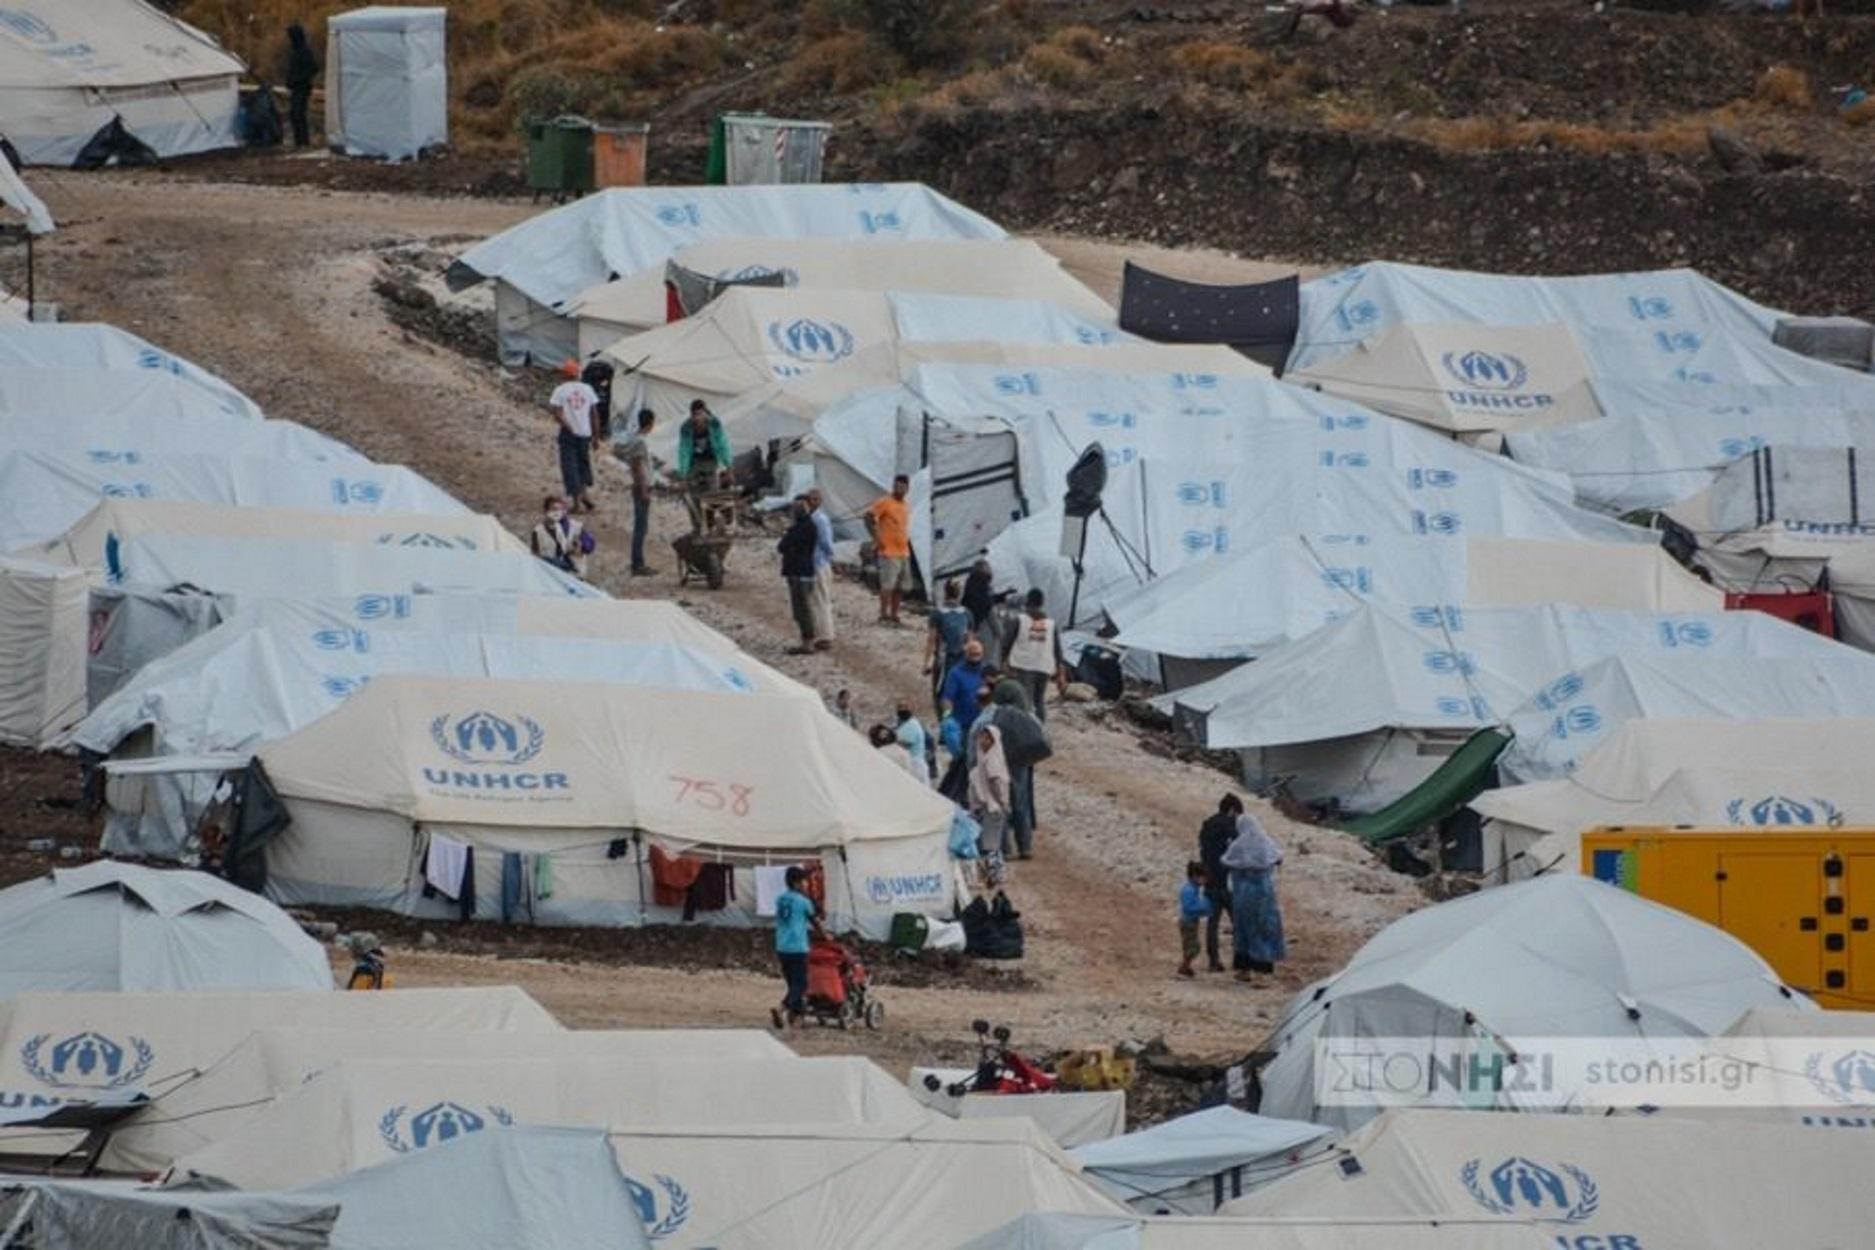 Καρά Τεπέ: Καταστροφές από κακοκαιρία – Πλημμύρισαν δεκάδες σκηνές στον καταυλισμό (pics, video)